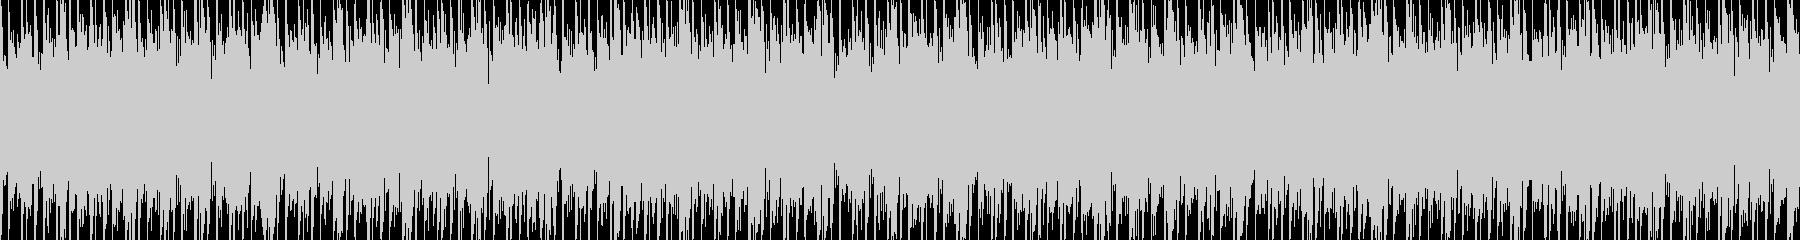 キャンプ・アウトドアなBGM_ループの未再生の波形